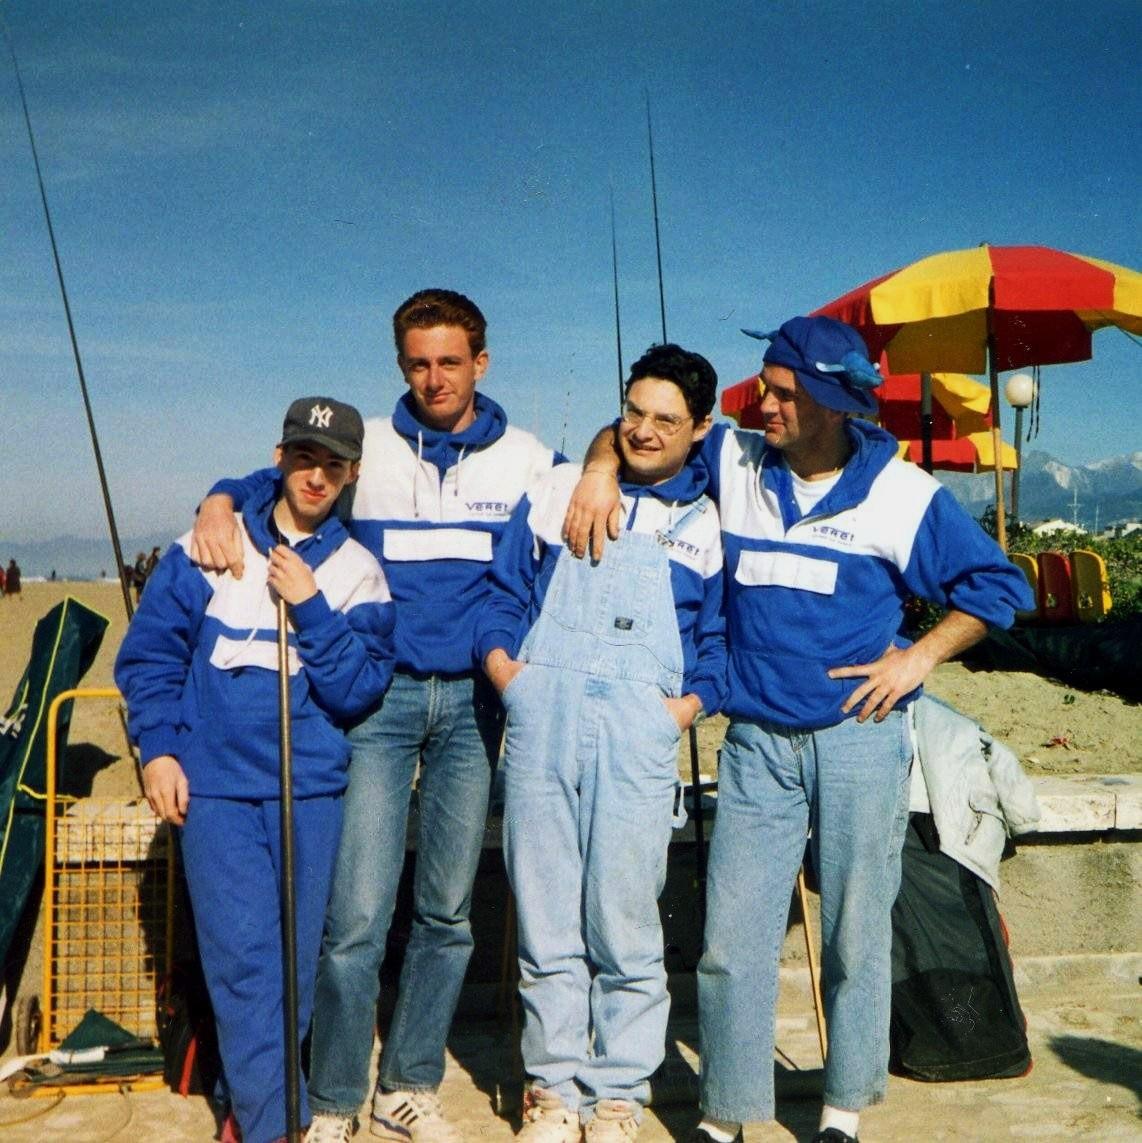 gara-di-pesca-primi-anni-90-canale-burlamacco-viareggio-boldrinicanaccinigioffremungai